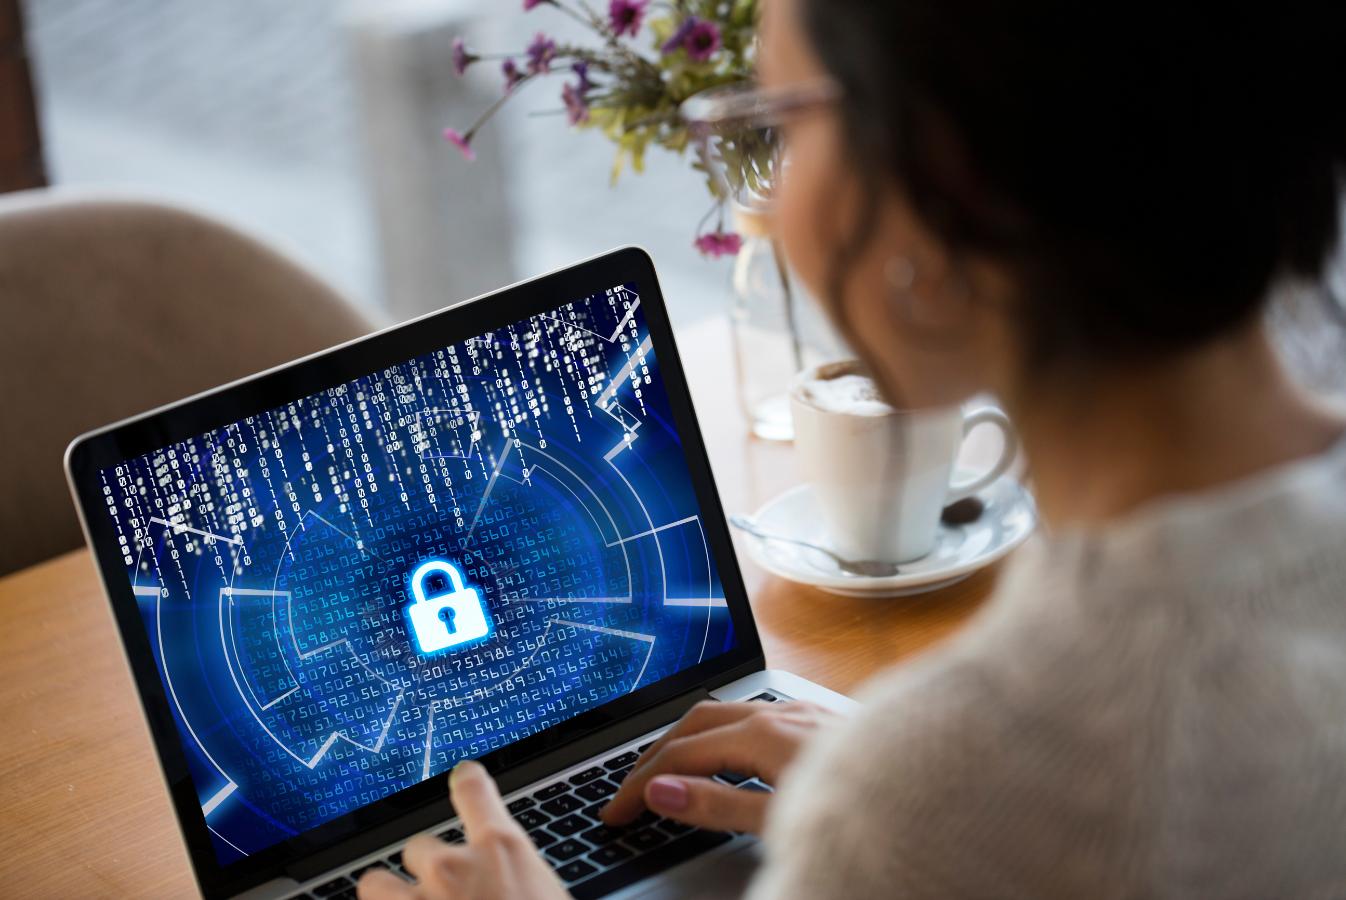 Europejski Miesiąc Cyberbezpieczeństwa: 5 najlepszych praktyk dotyczących oprogramowania ransomware